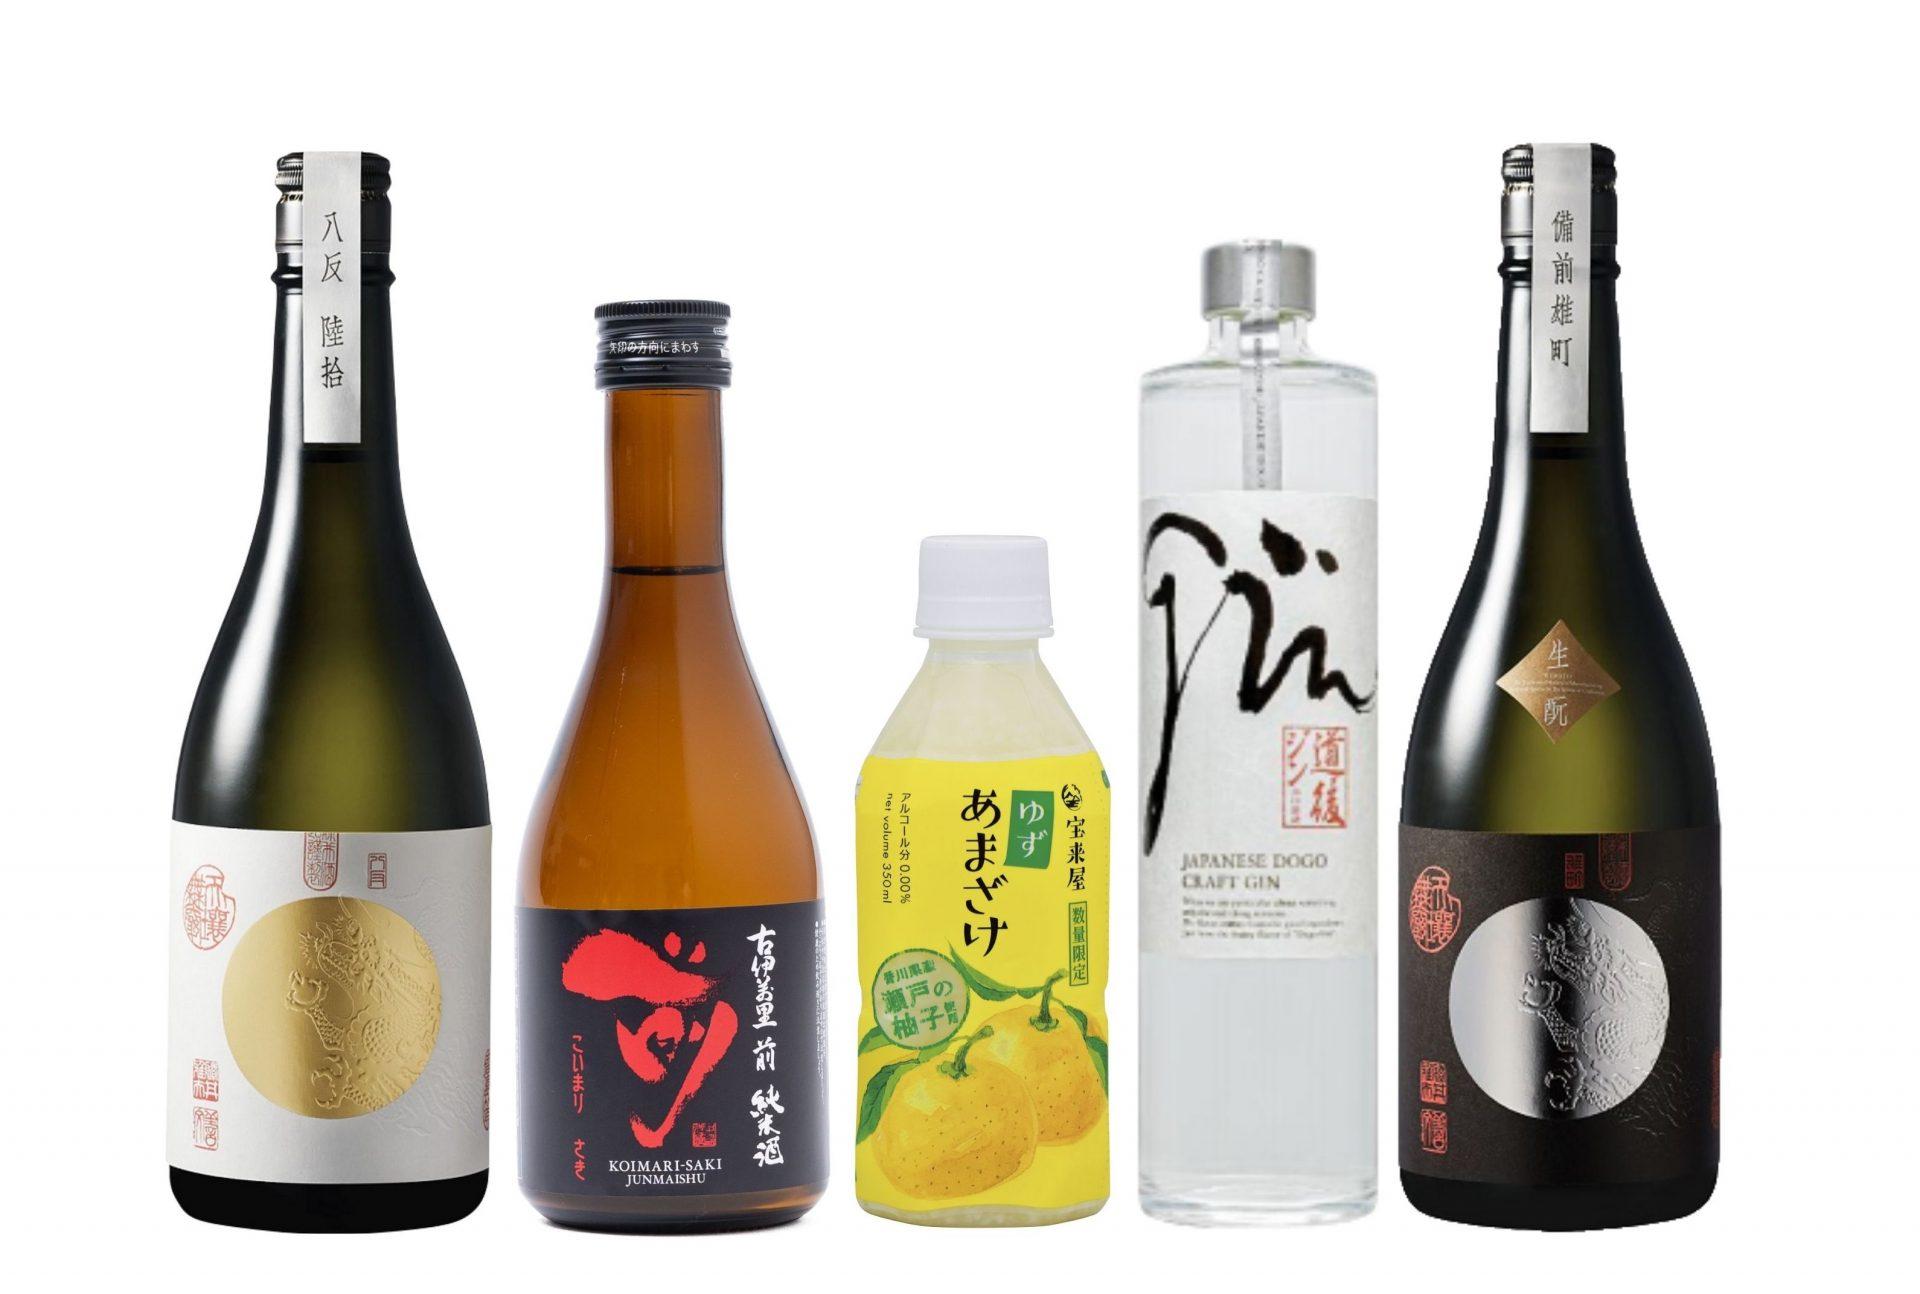 bouteilles de saké, d'amazaké et de gin